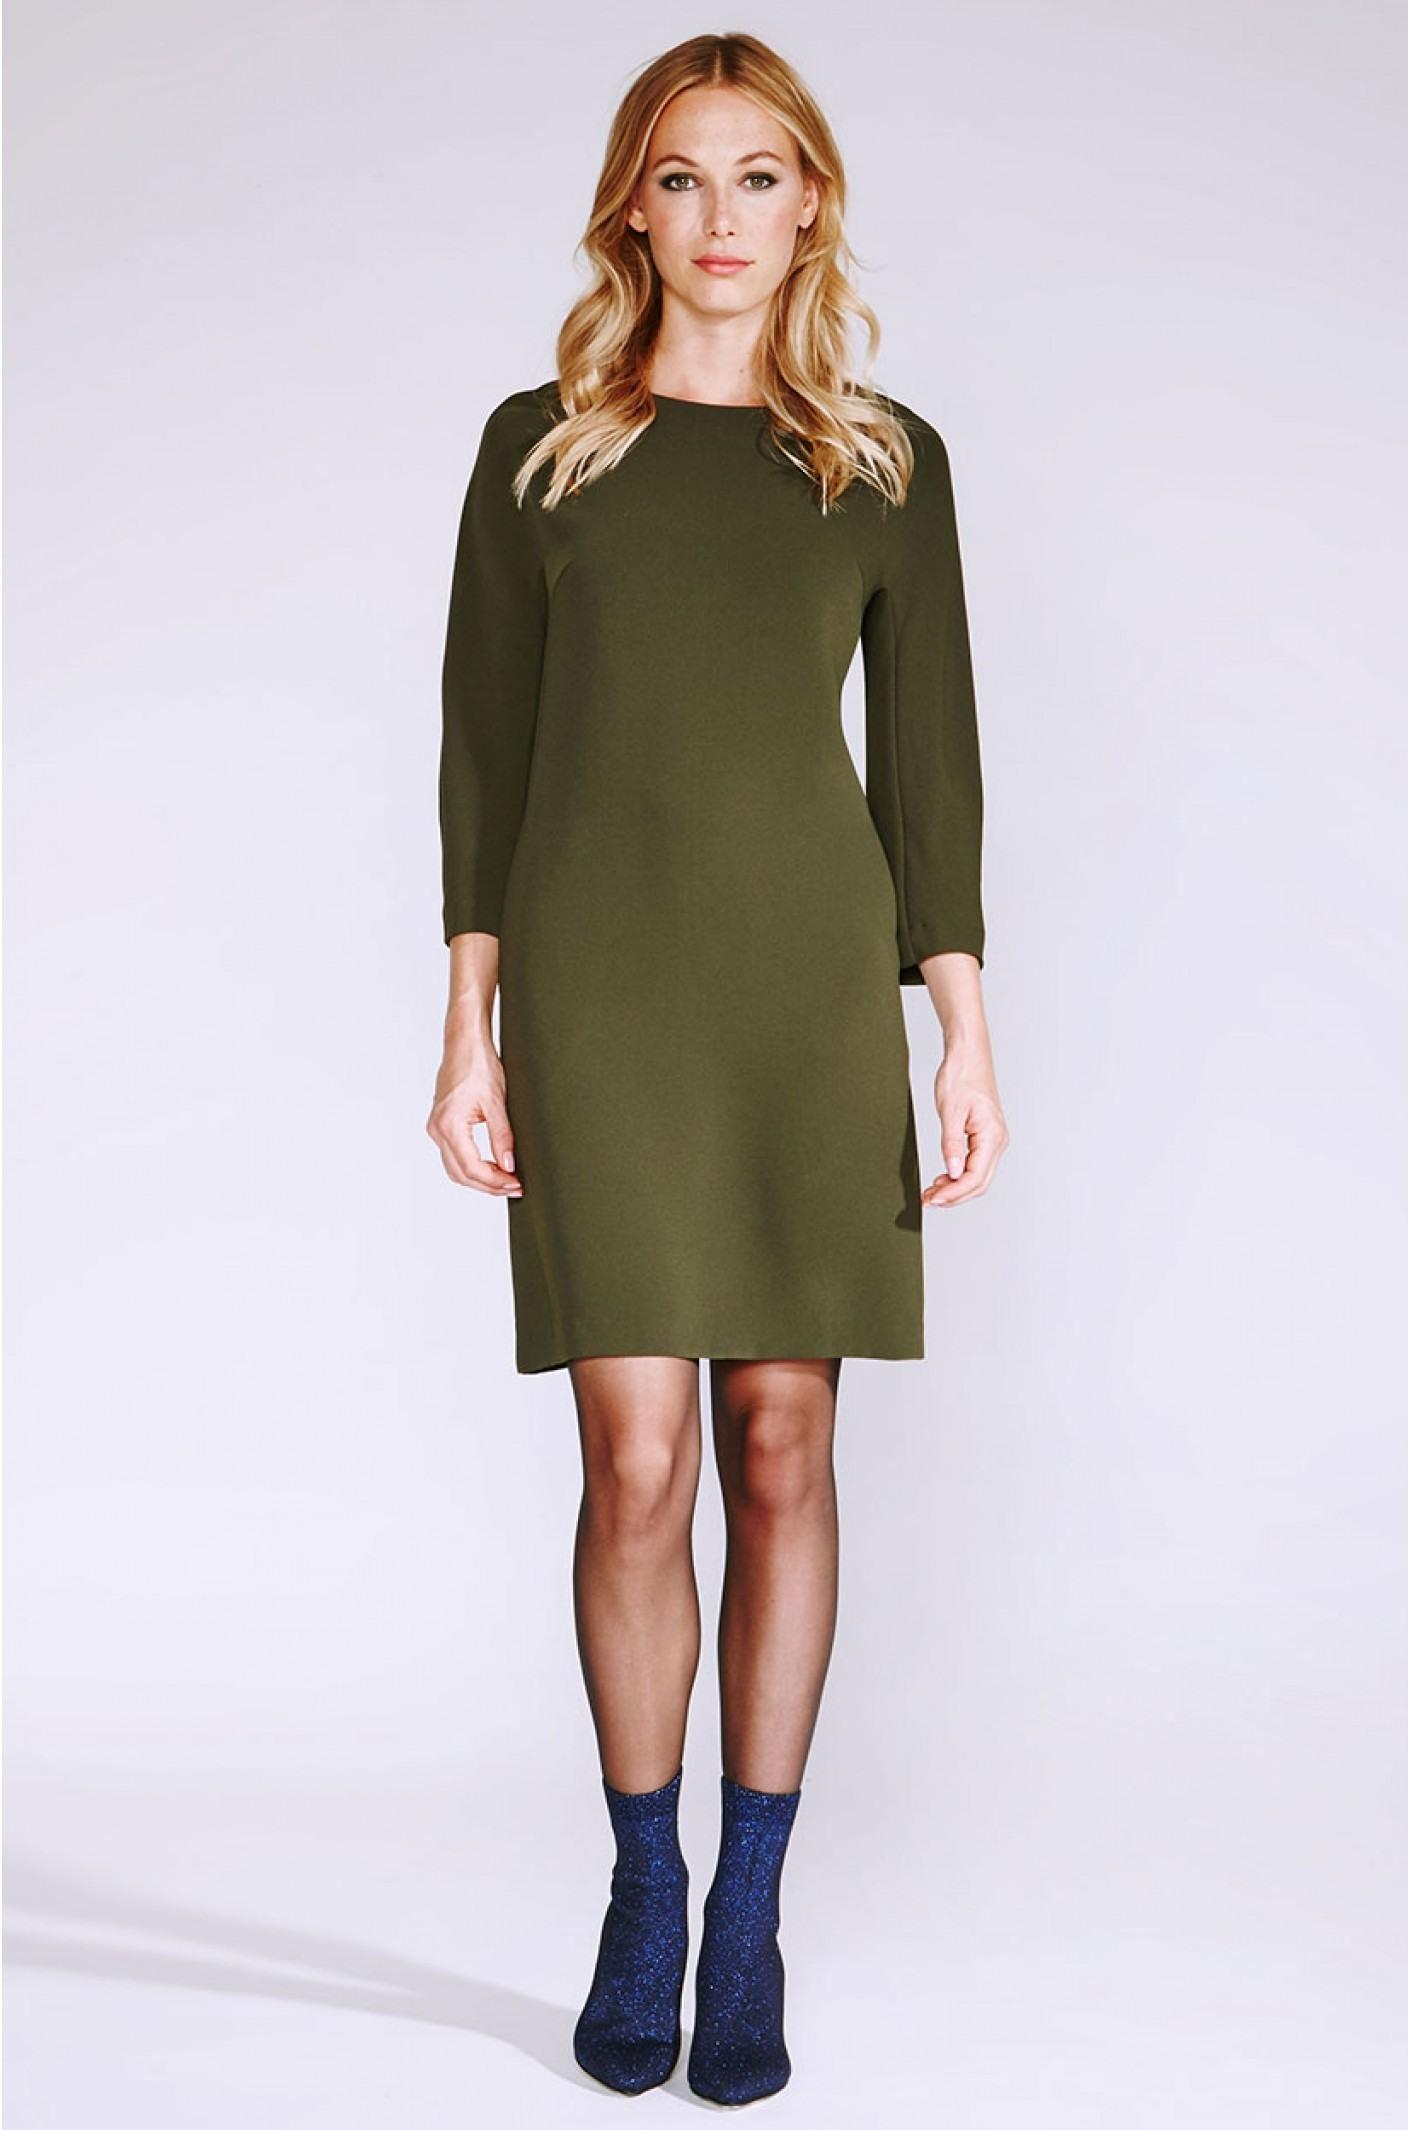 Abend Coolste Schickes Herbstkleid Vertrieb17 Einzigartig Schickes Herbstkleid Stylish